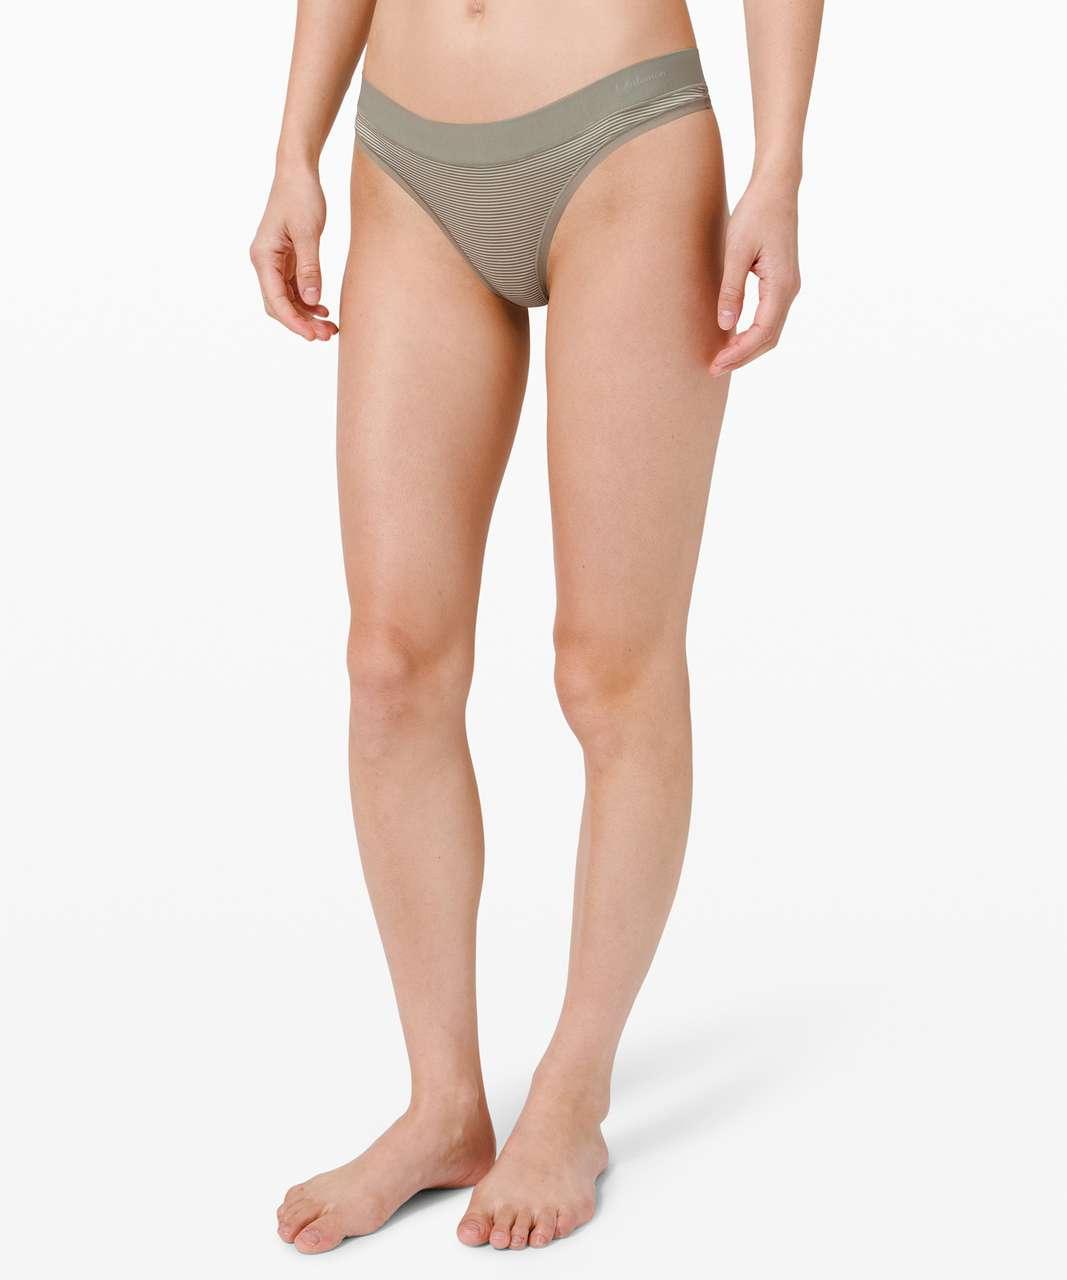 Lululemon Soft Breathable Thong *Stripe - Sea Moss